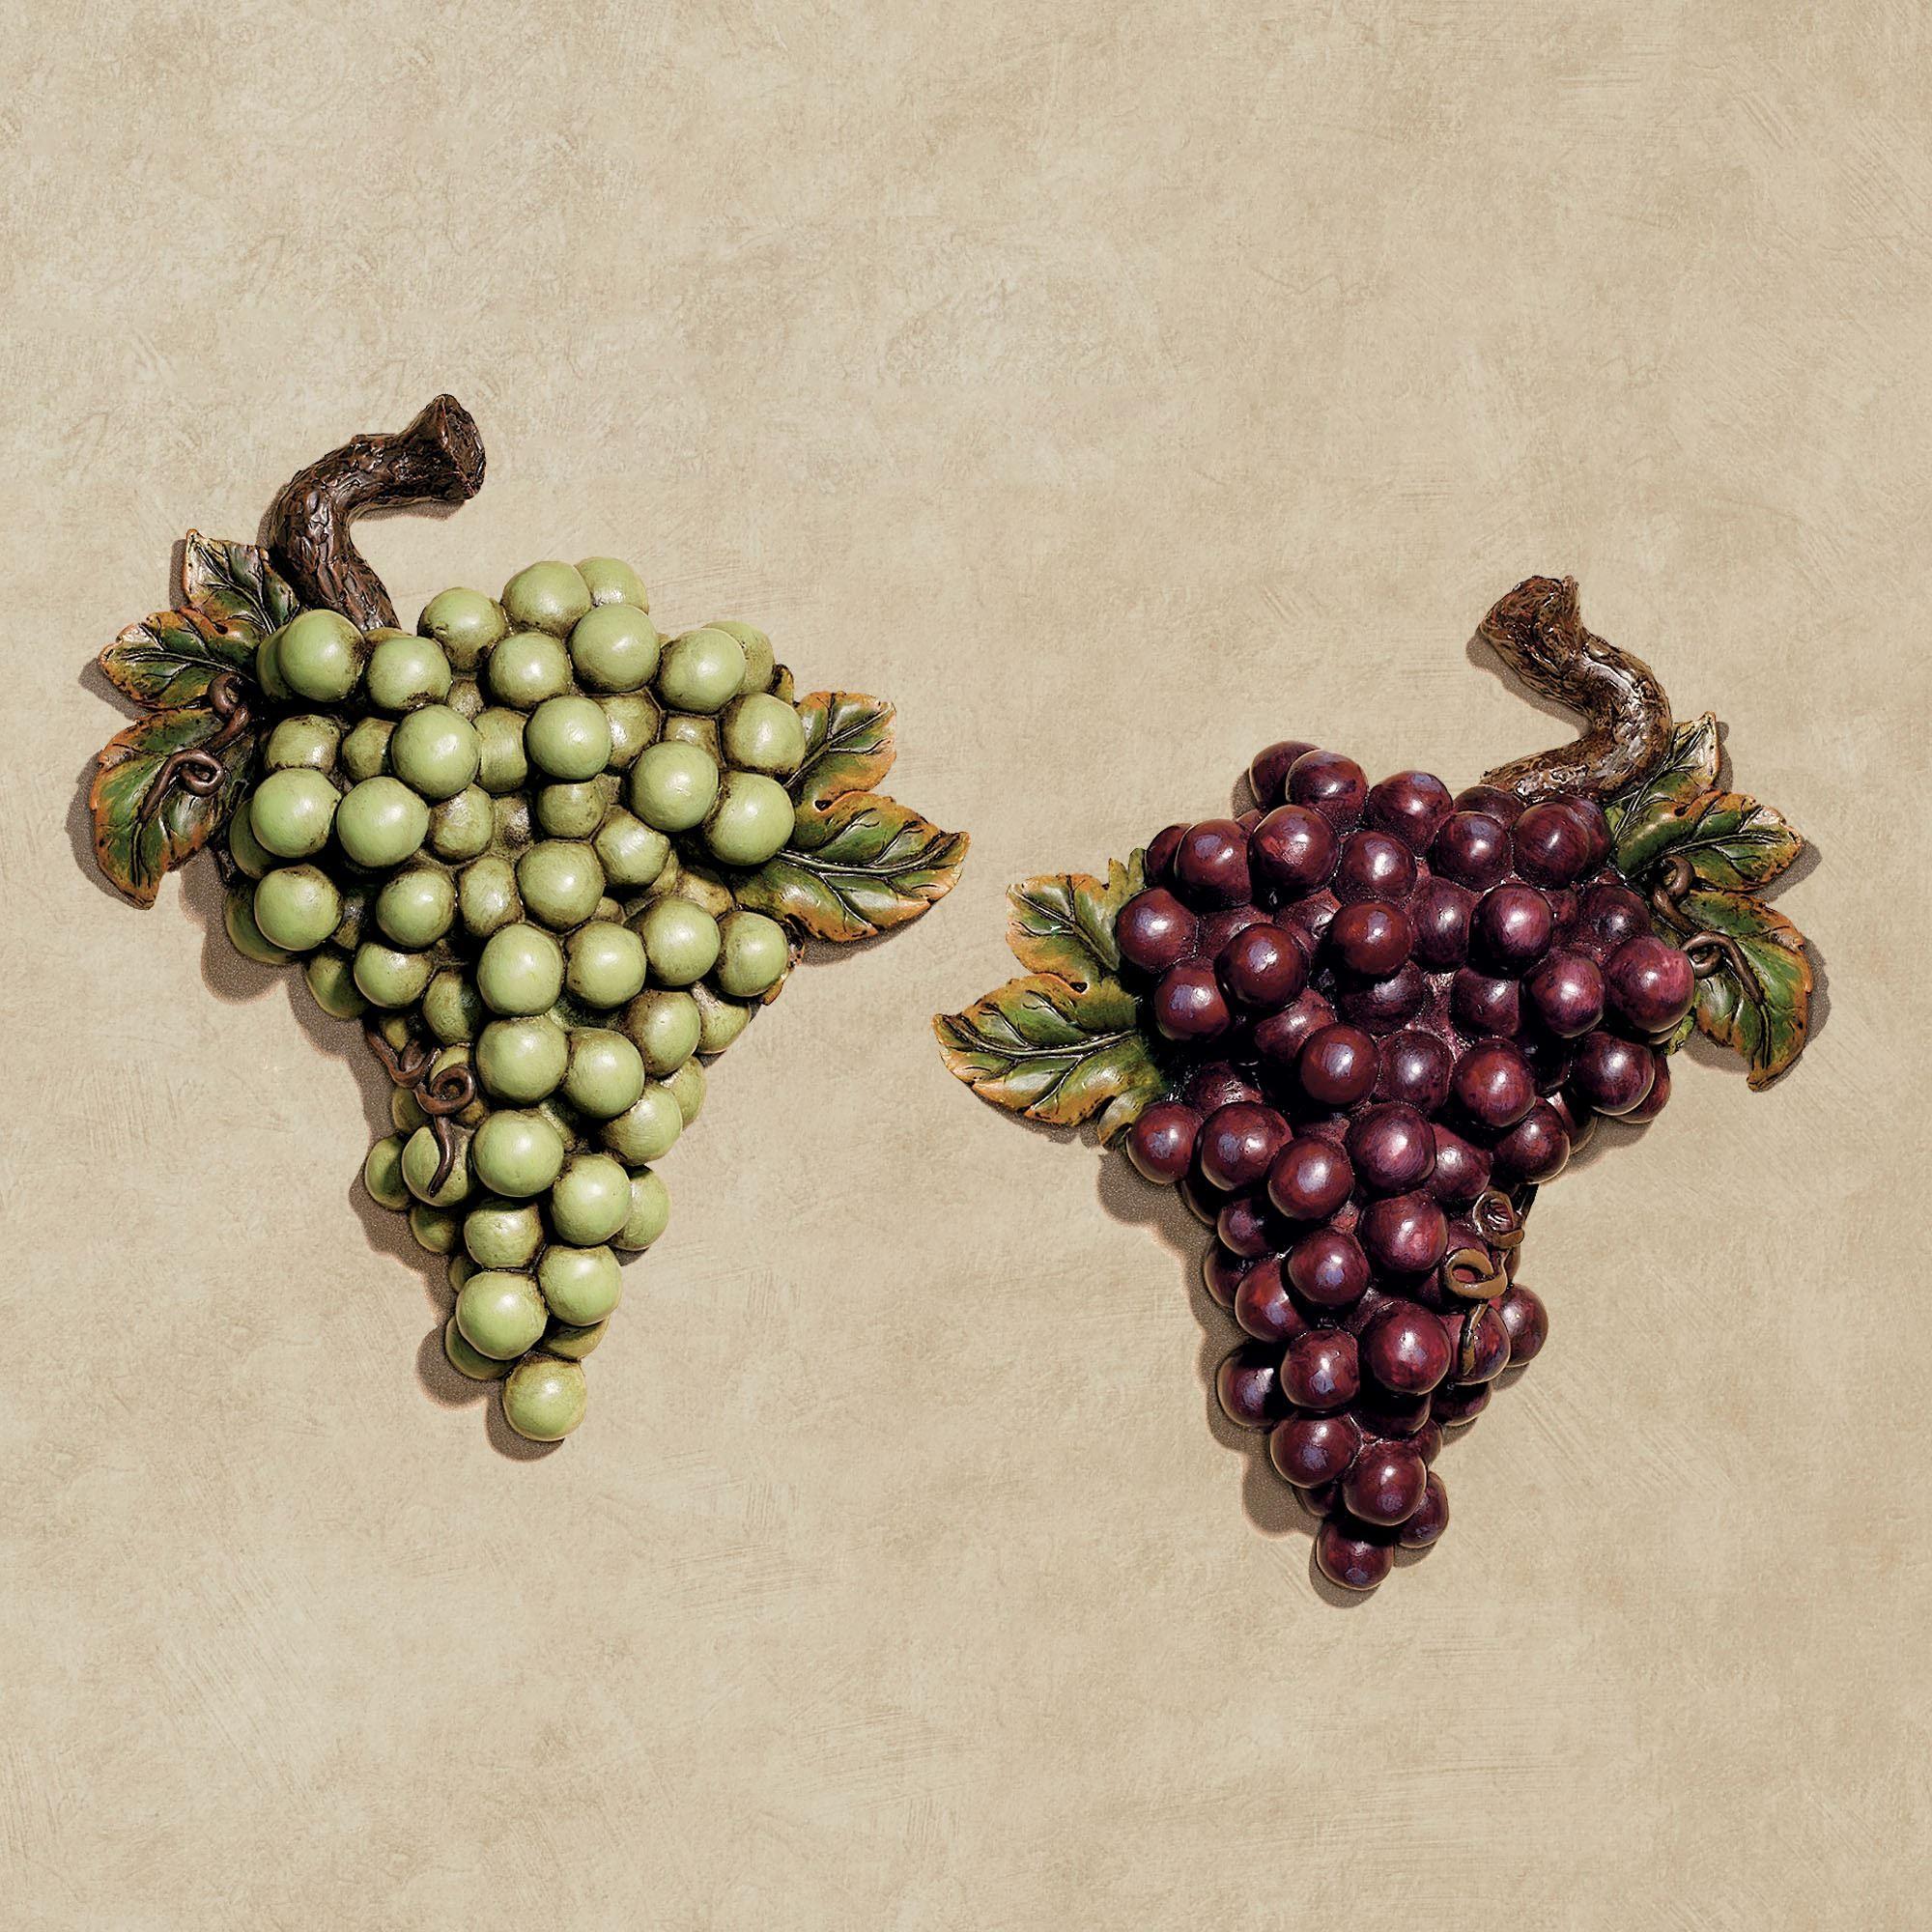 3d Touch Wallpaper House Decor 20 Best Ideas Wine And Grape Wall Art Wall Art Ideas